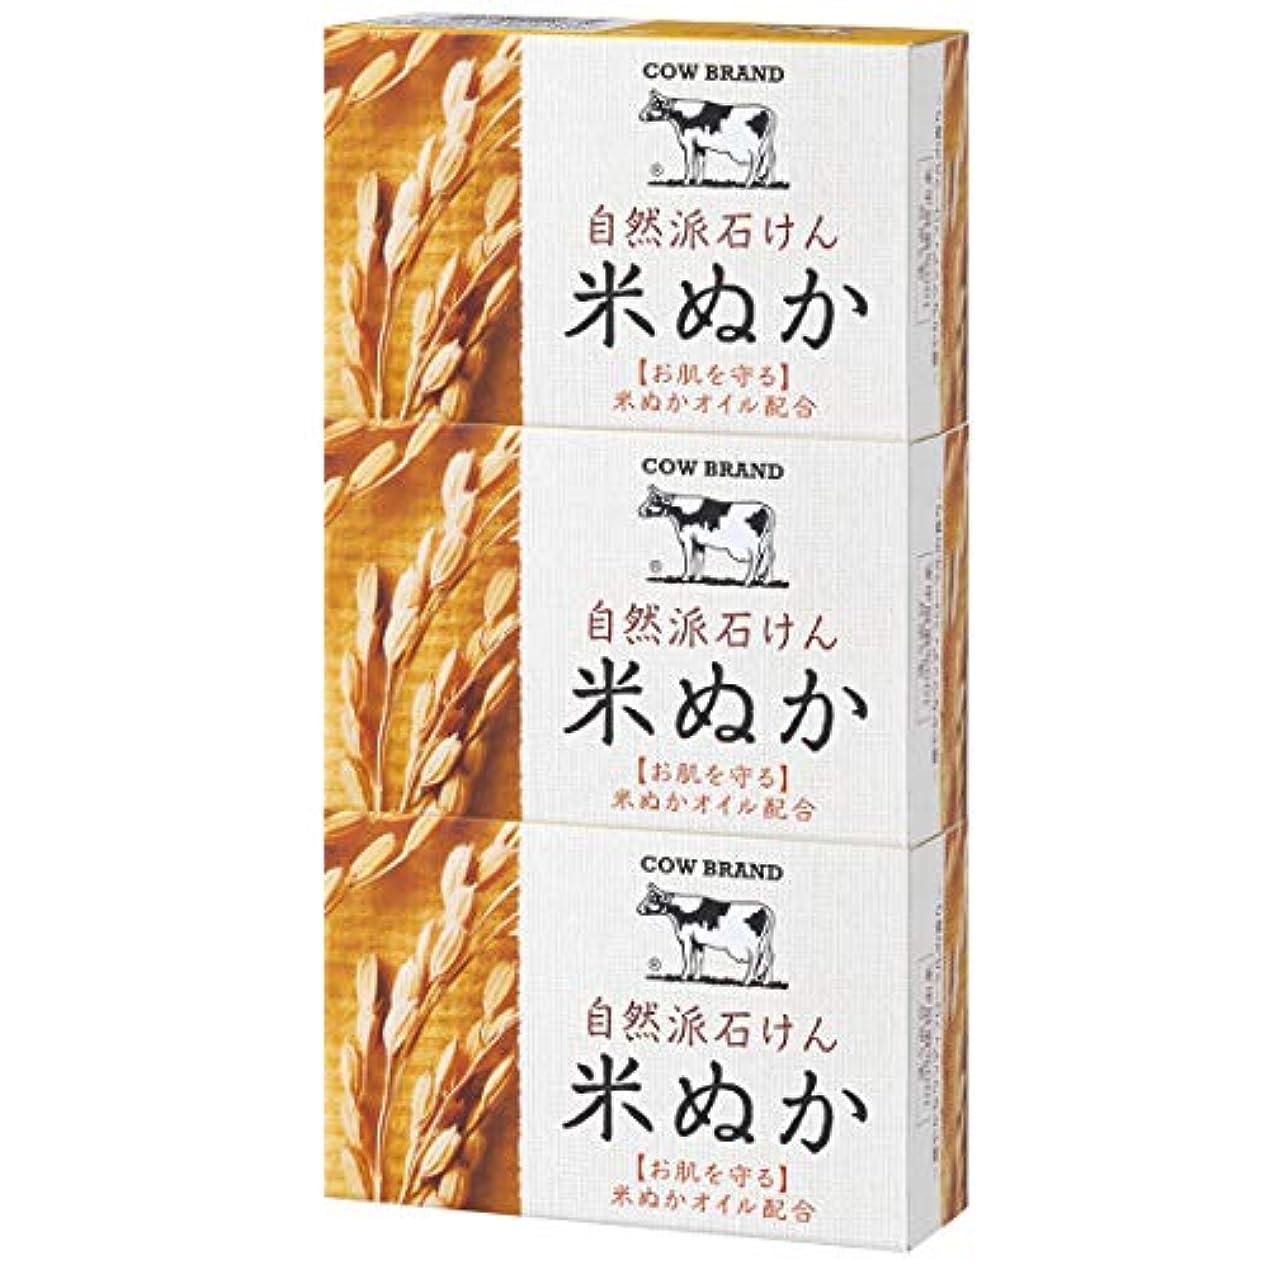 長いです廃止するラベルカウブランド 自然派石けん 米ぬか 100g*3個